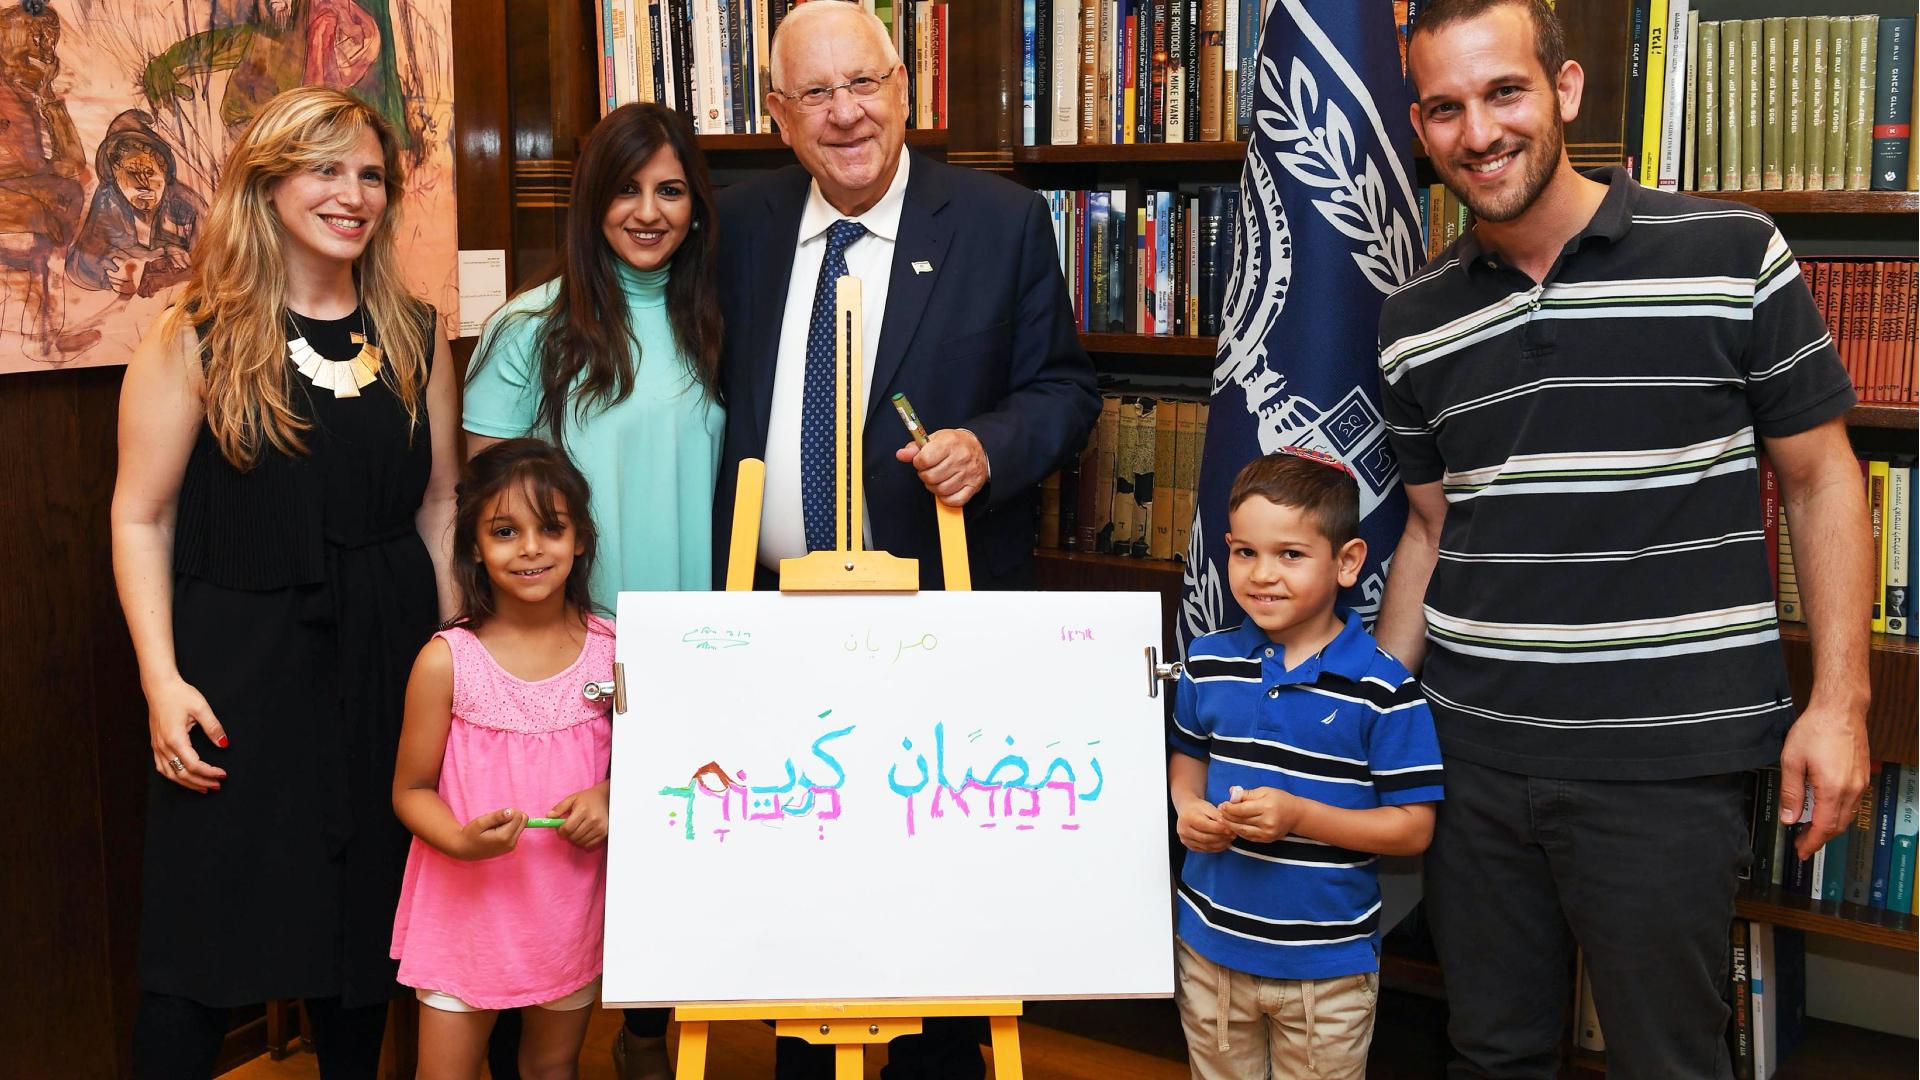 ׳ערברית׳ הגיע עד לבית הנשיא